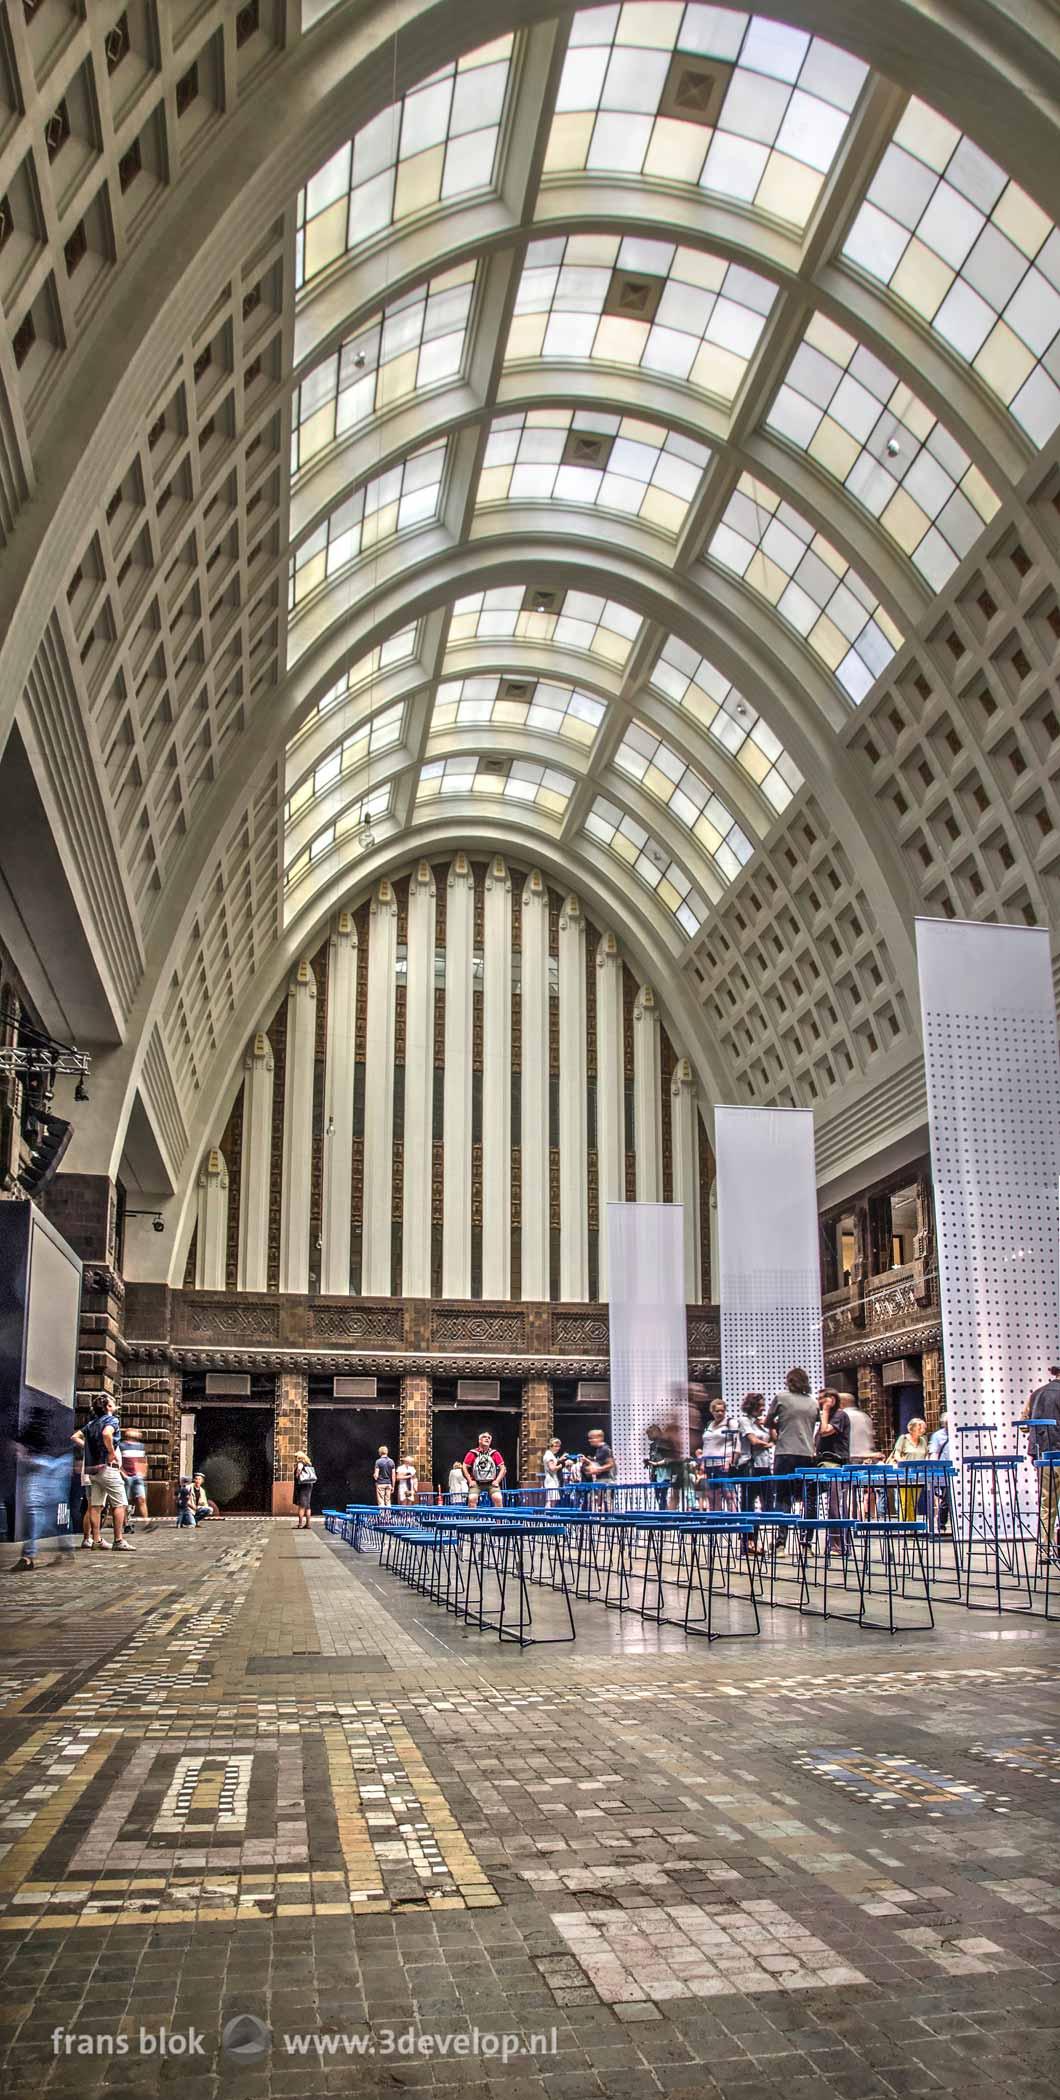 Beeld van de grote hal van het Postkantoor aan de Coolsingel in Rotterdam, tijdens de openstelling in de Rotterdamse Architectuur Maand in 2019